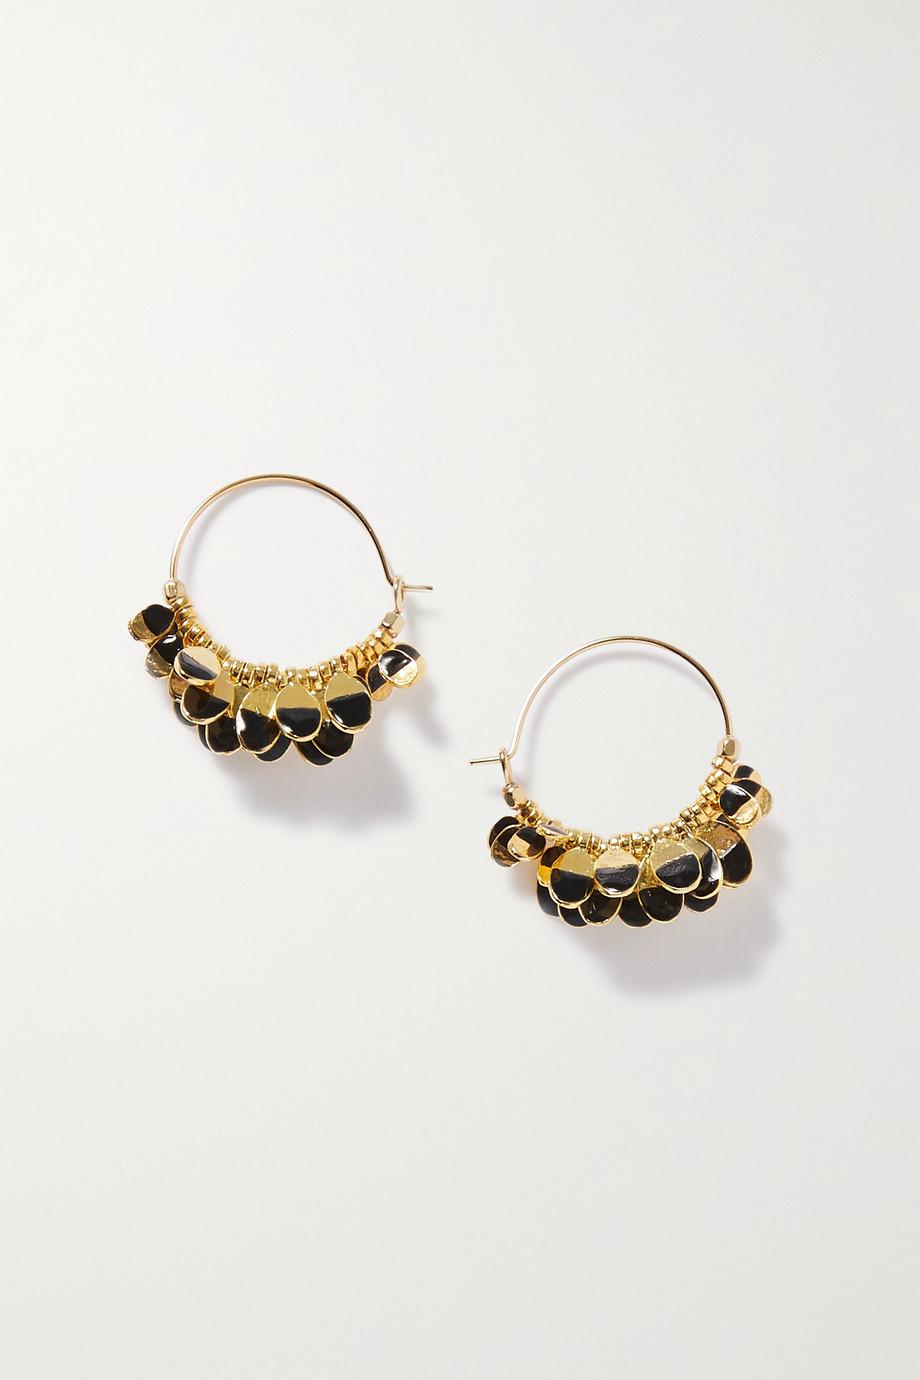 Isabel Marant Boucles d'oreilles en métal doré et résine